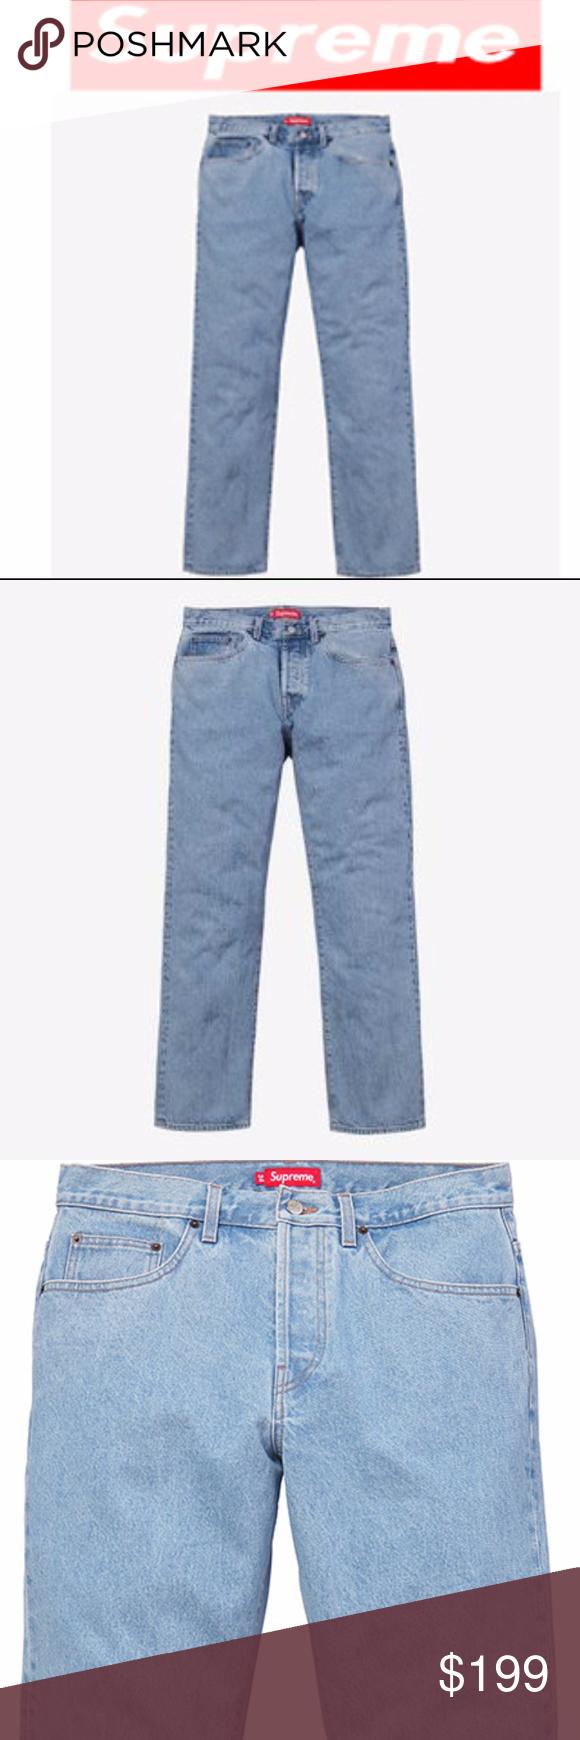 Supreme Washed Regular Jeans 5 Pockets Embroidered Supreme Blue Washed Regular Jeans 5 Pockets Embroidered Logo On Back Pocket 32 Fashion Denim Jeans Style